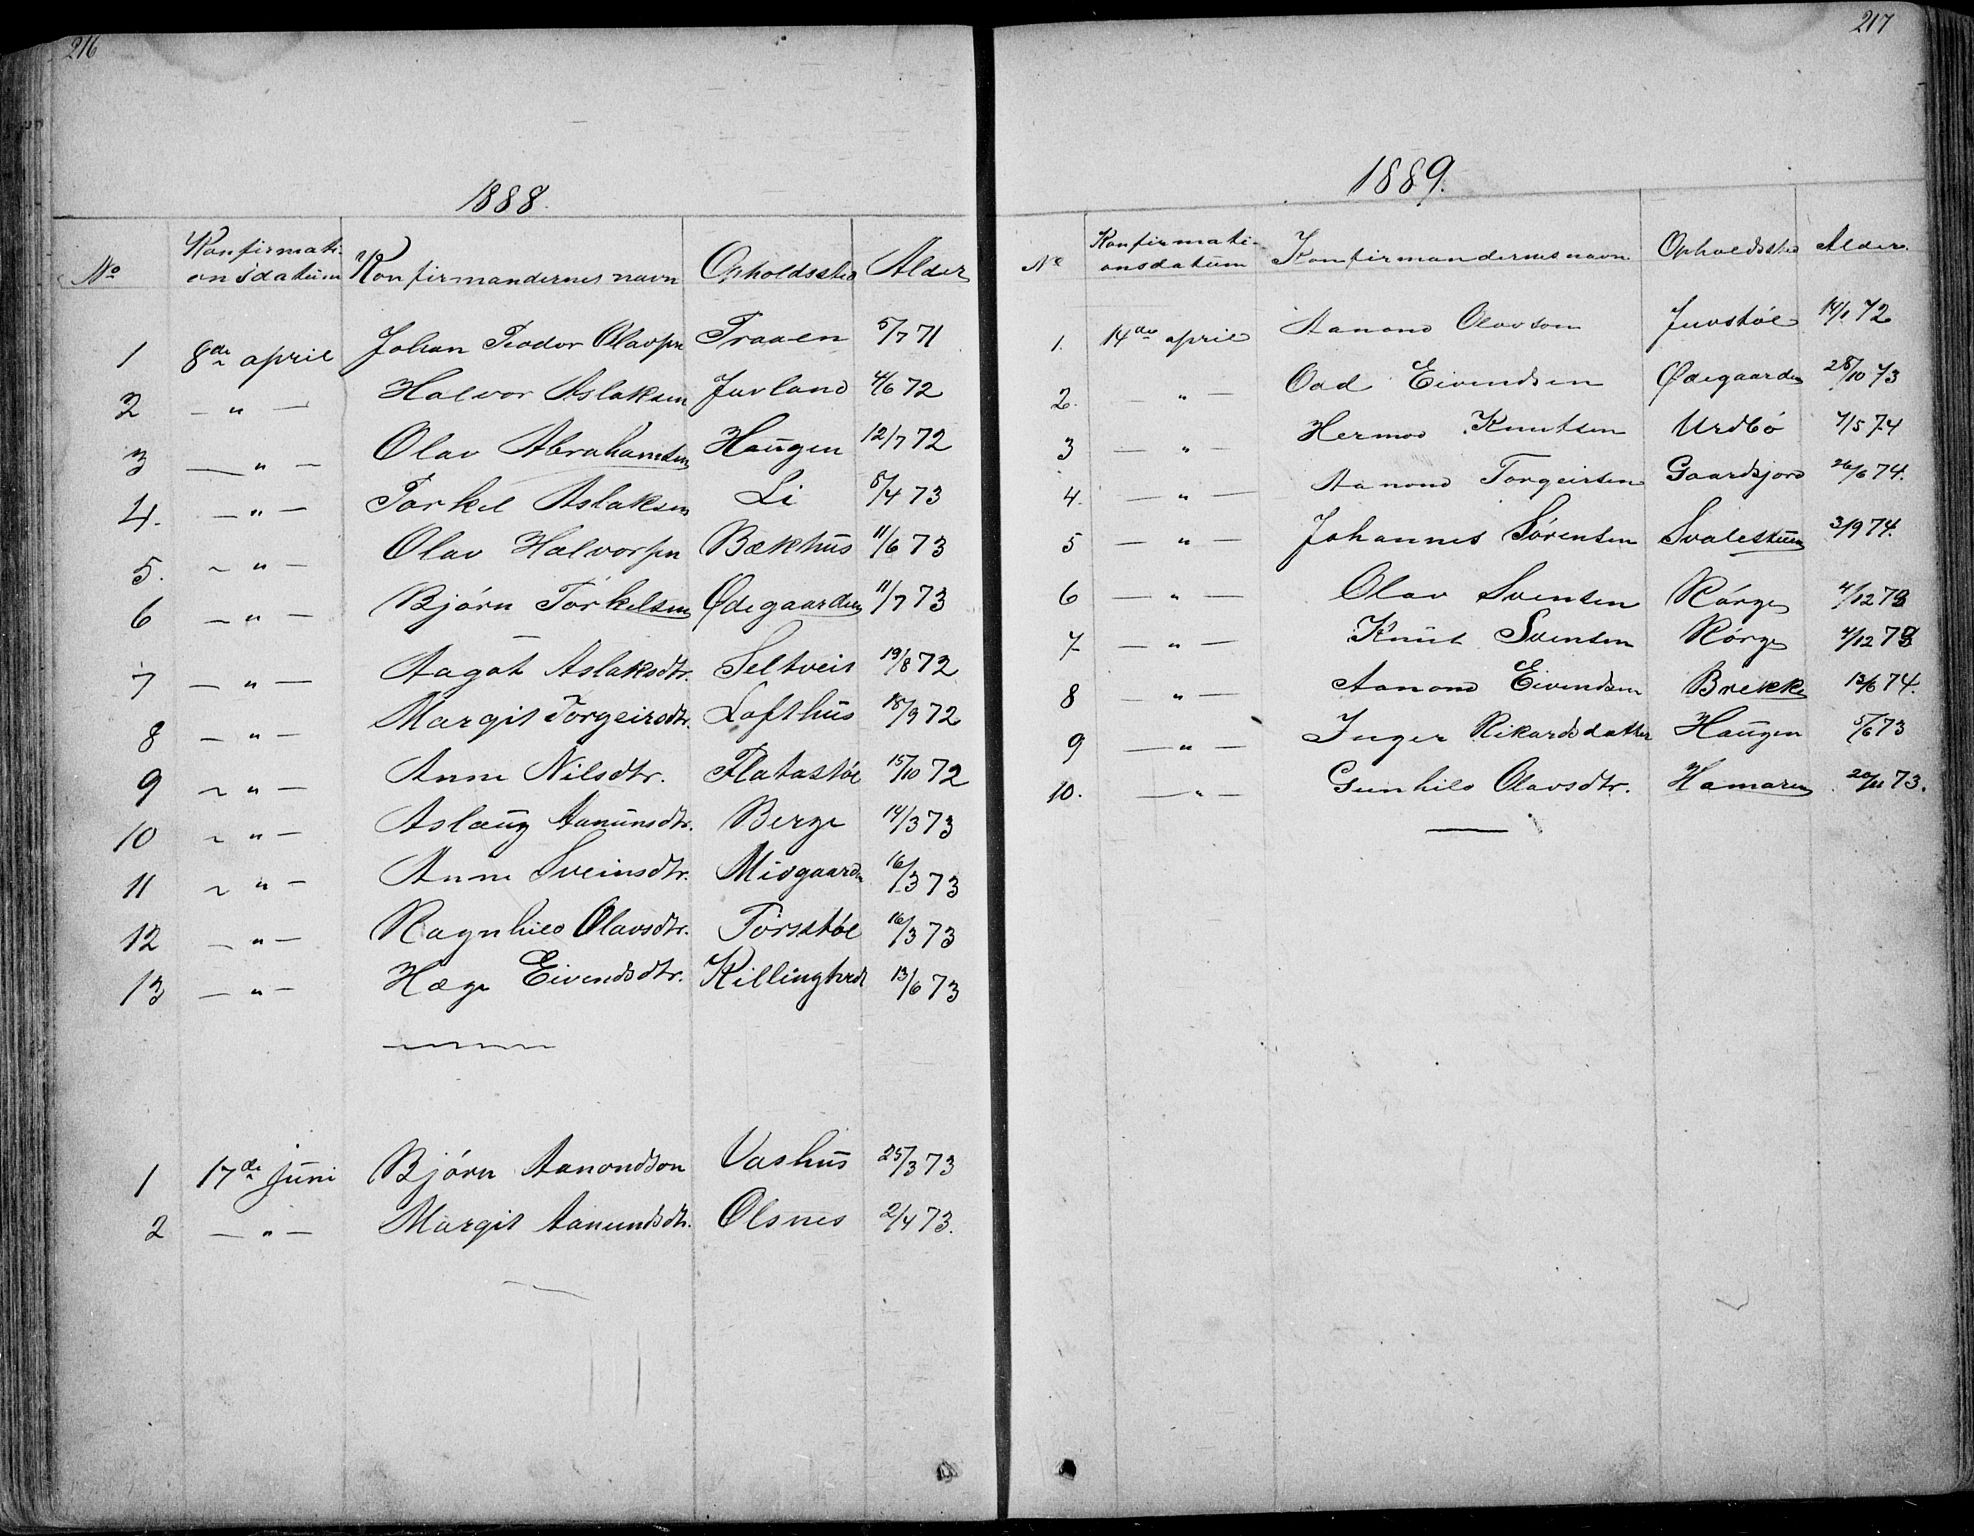 SAKO, Rauland kirkebøker, G/Ga/L0002: Klokkerbok nr. I 2, 1849-1935, s. 216-217